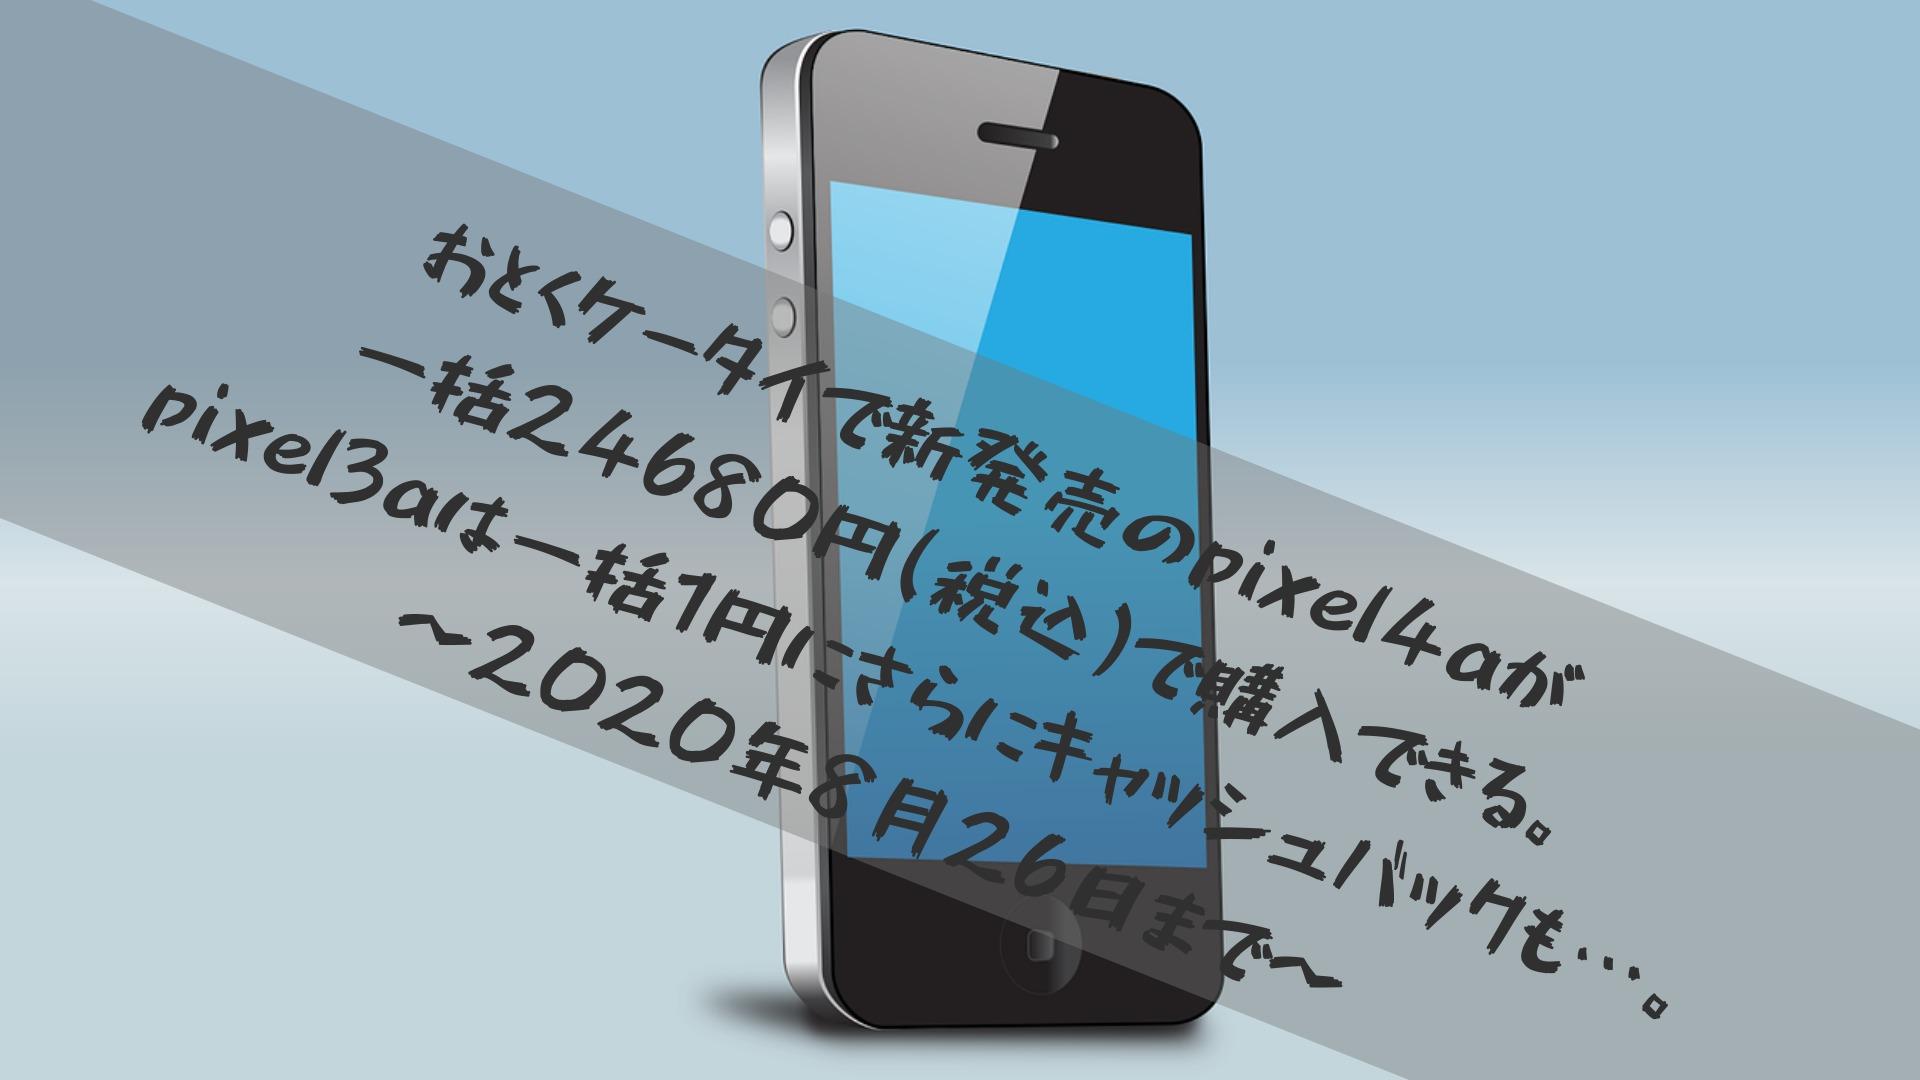 おとくケータイで新発売のpixel4aが一括24680円(税込)で購入できる。pixel3aは一括1円にさらにキャッシュバックも…。〜2020年8月26日まで〜